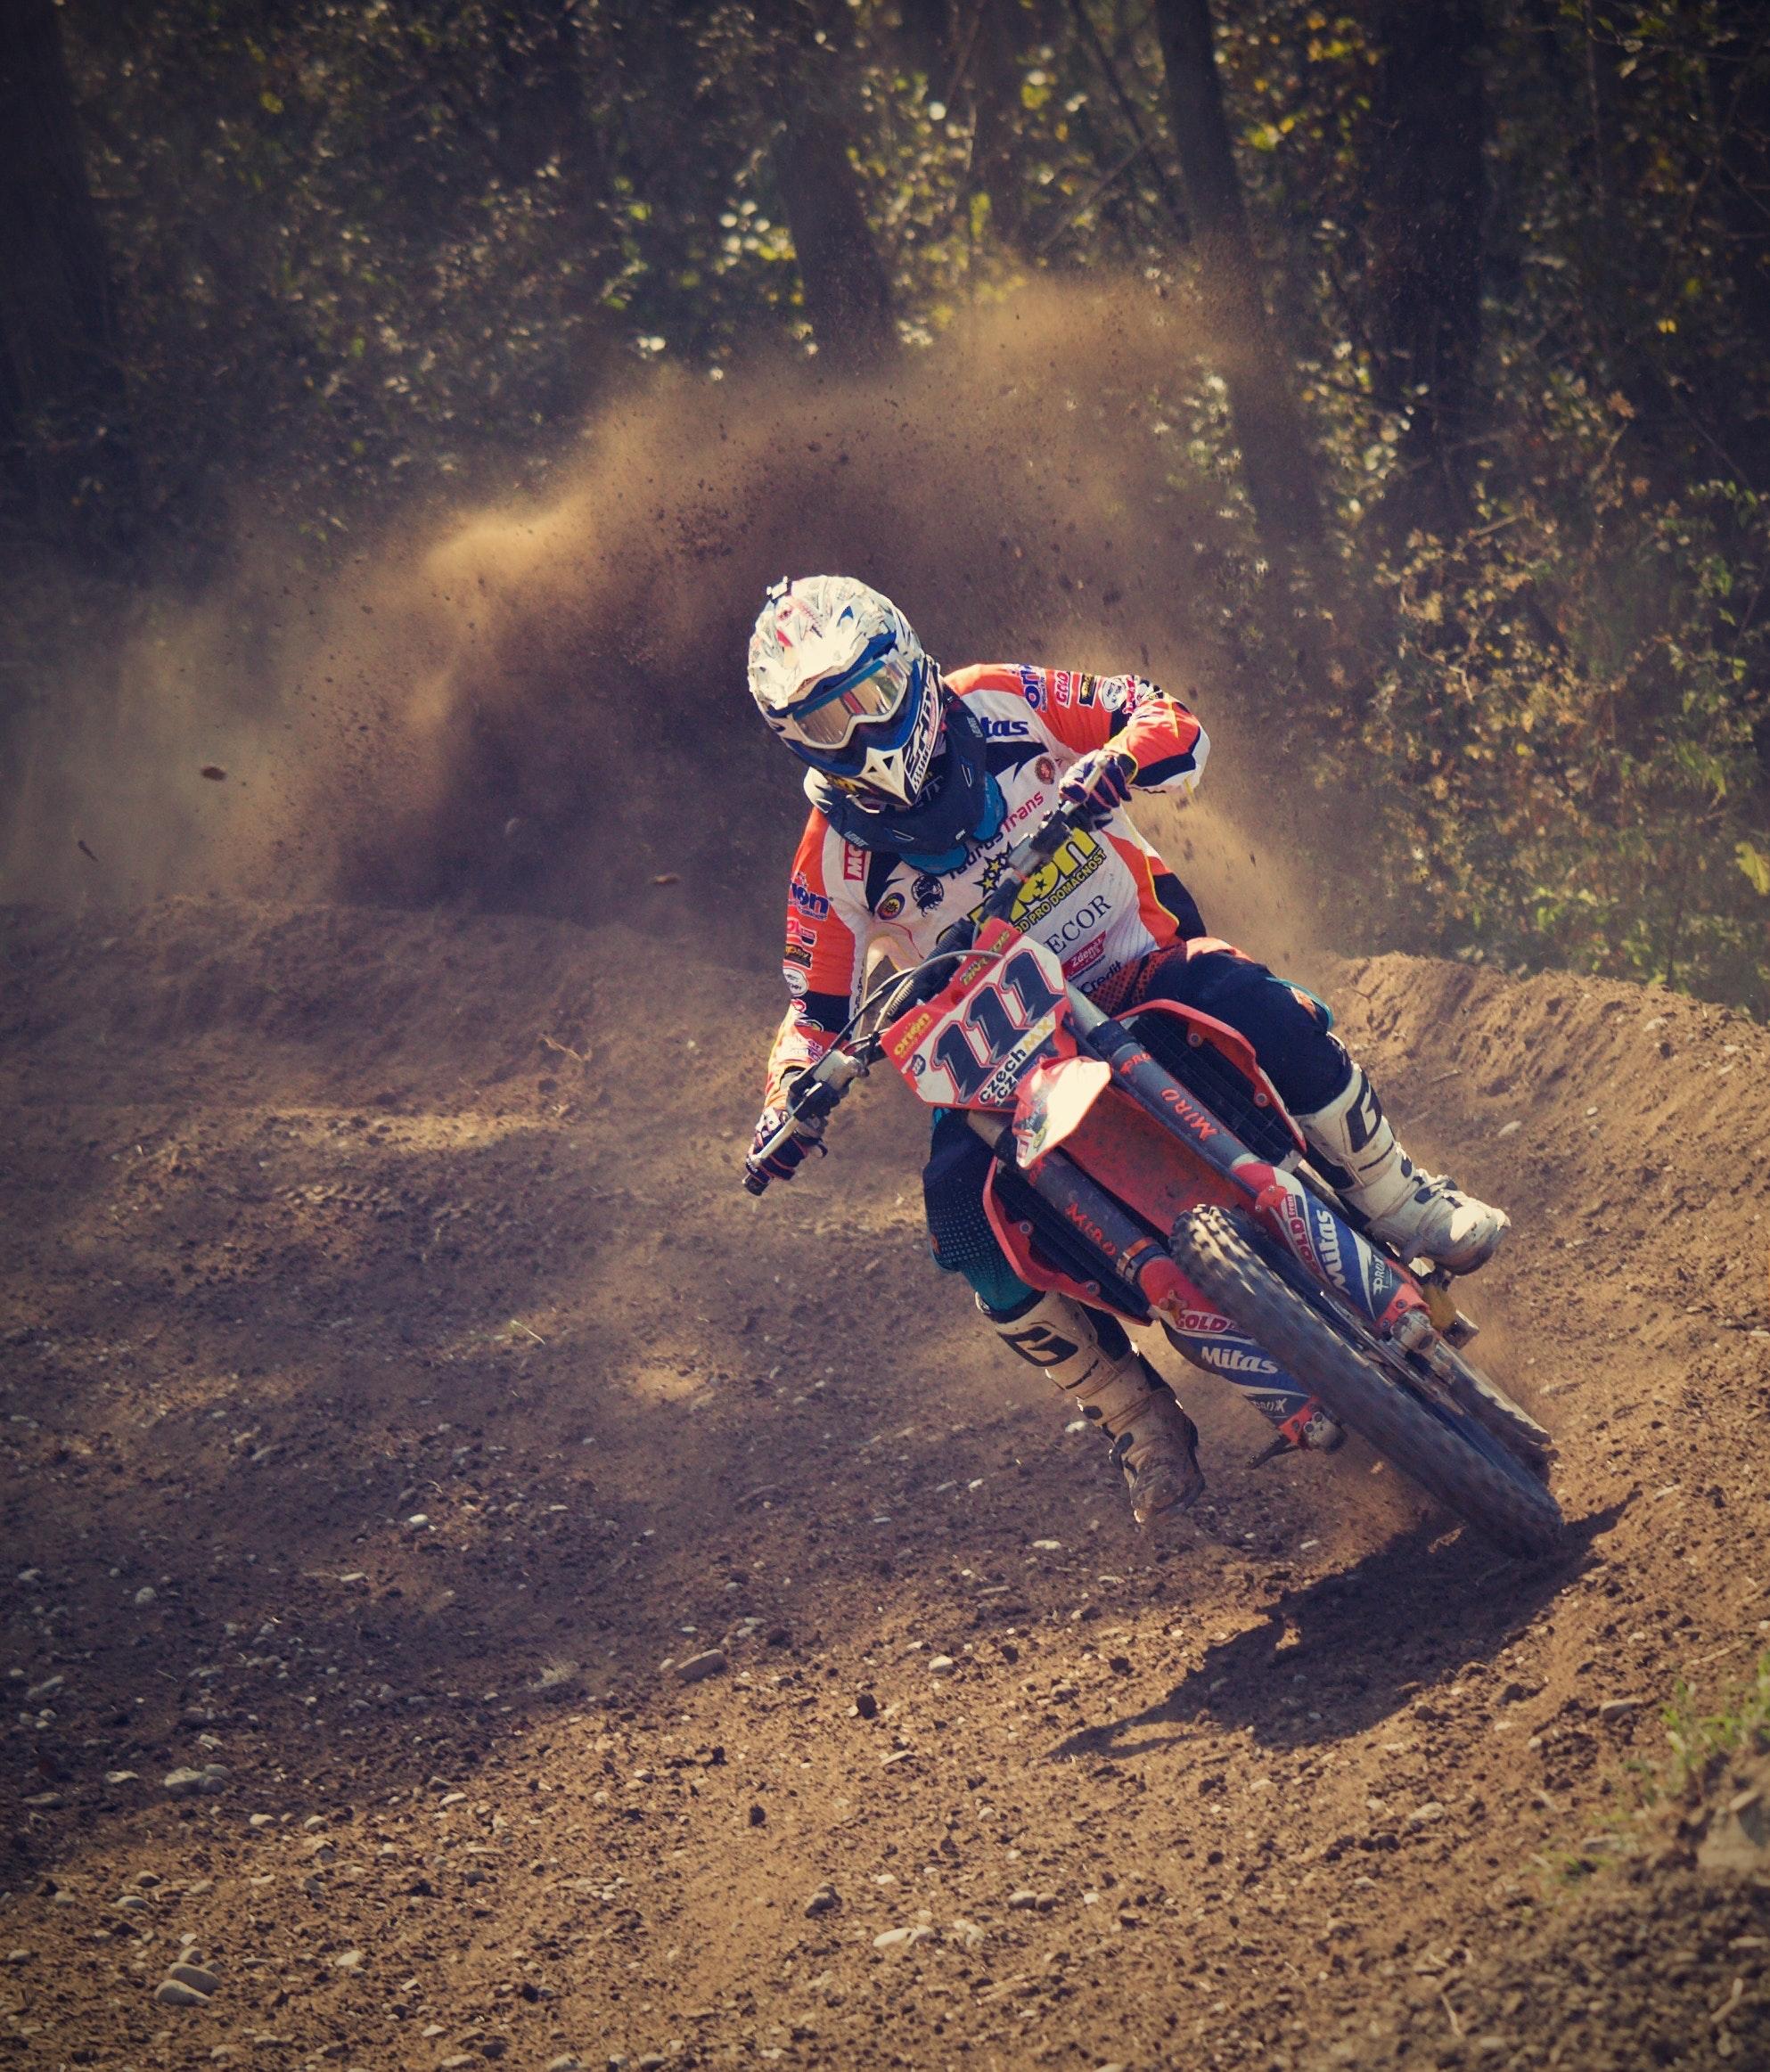 MotocrossX